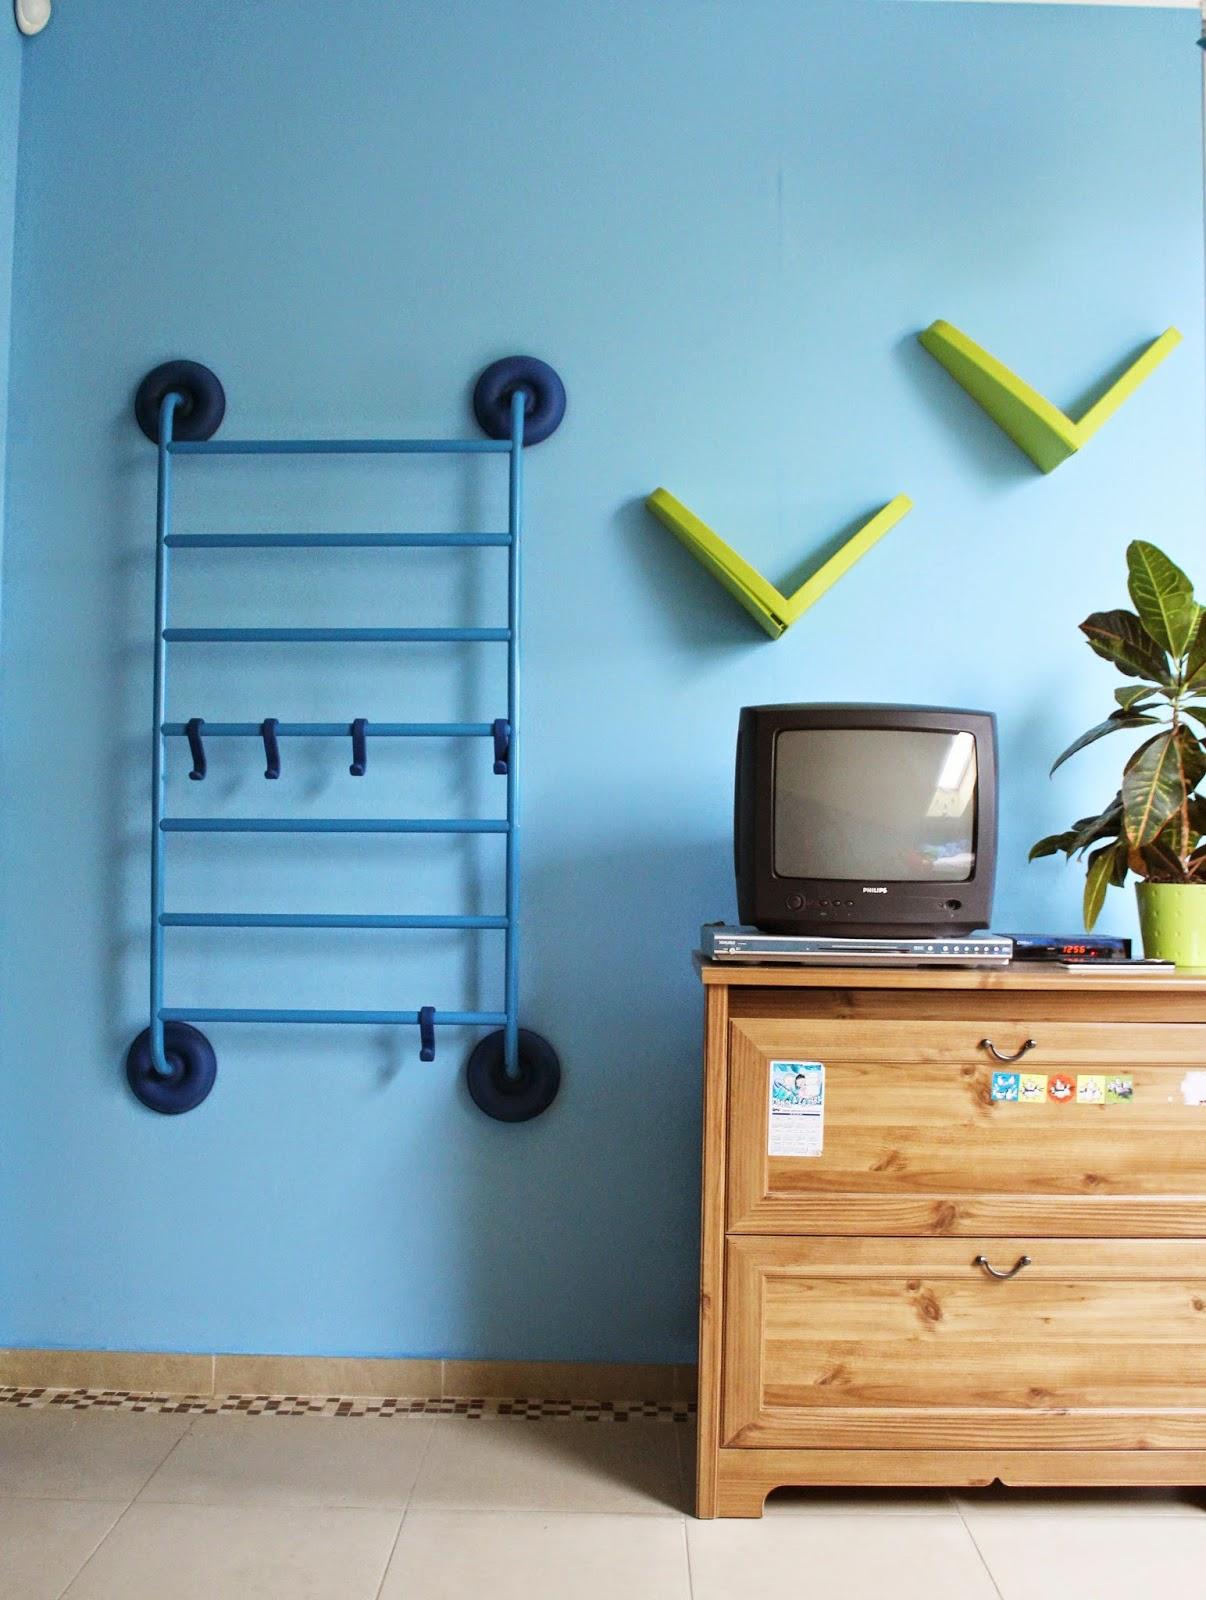 niebieskie ściany,drabinka Ikea,metamorfoza pokoju dziecka krok po kroku,filmik jak zmienia się pokój dziecka,blog wnętrza DIY lifestyl